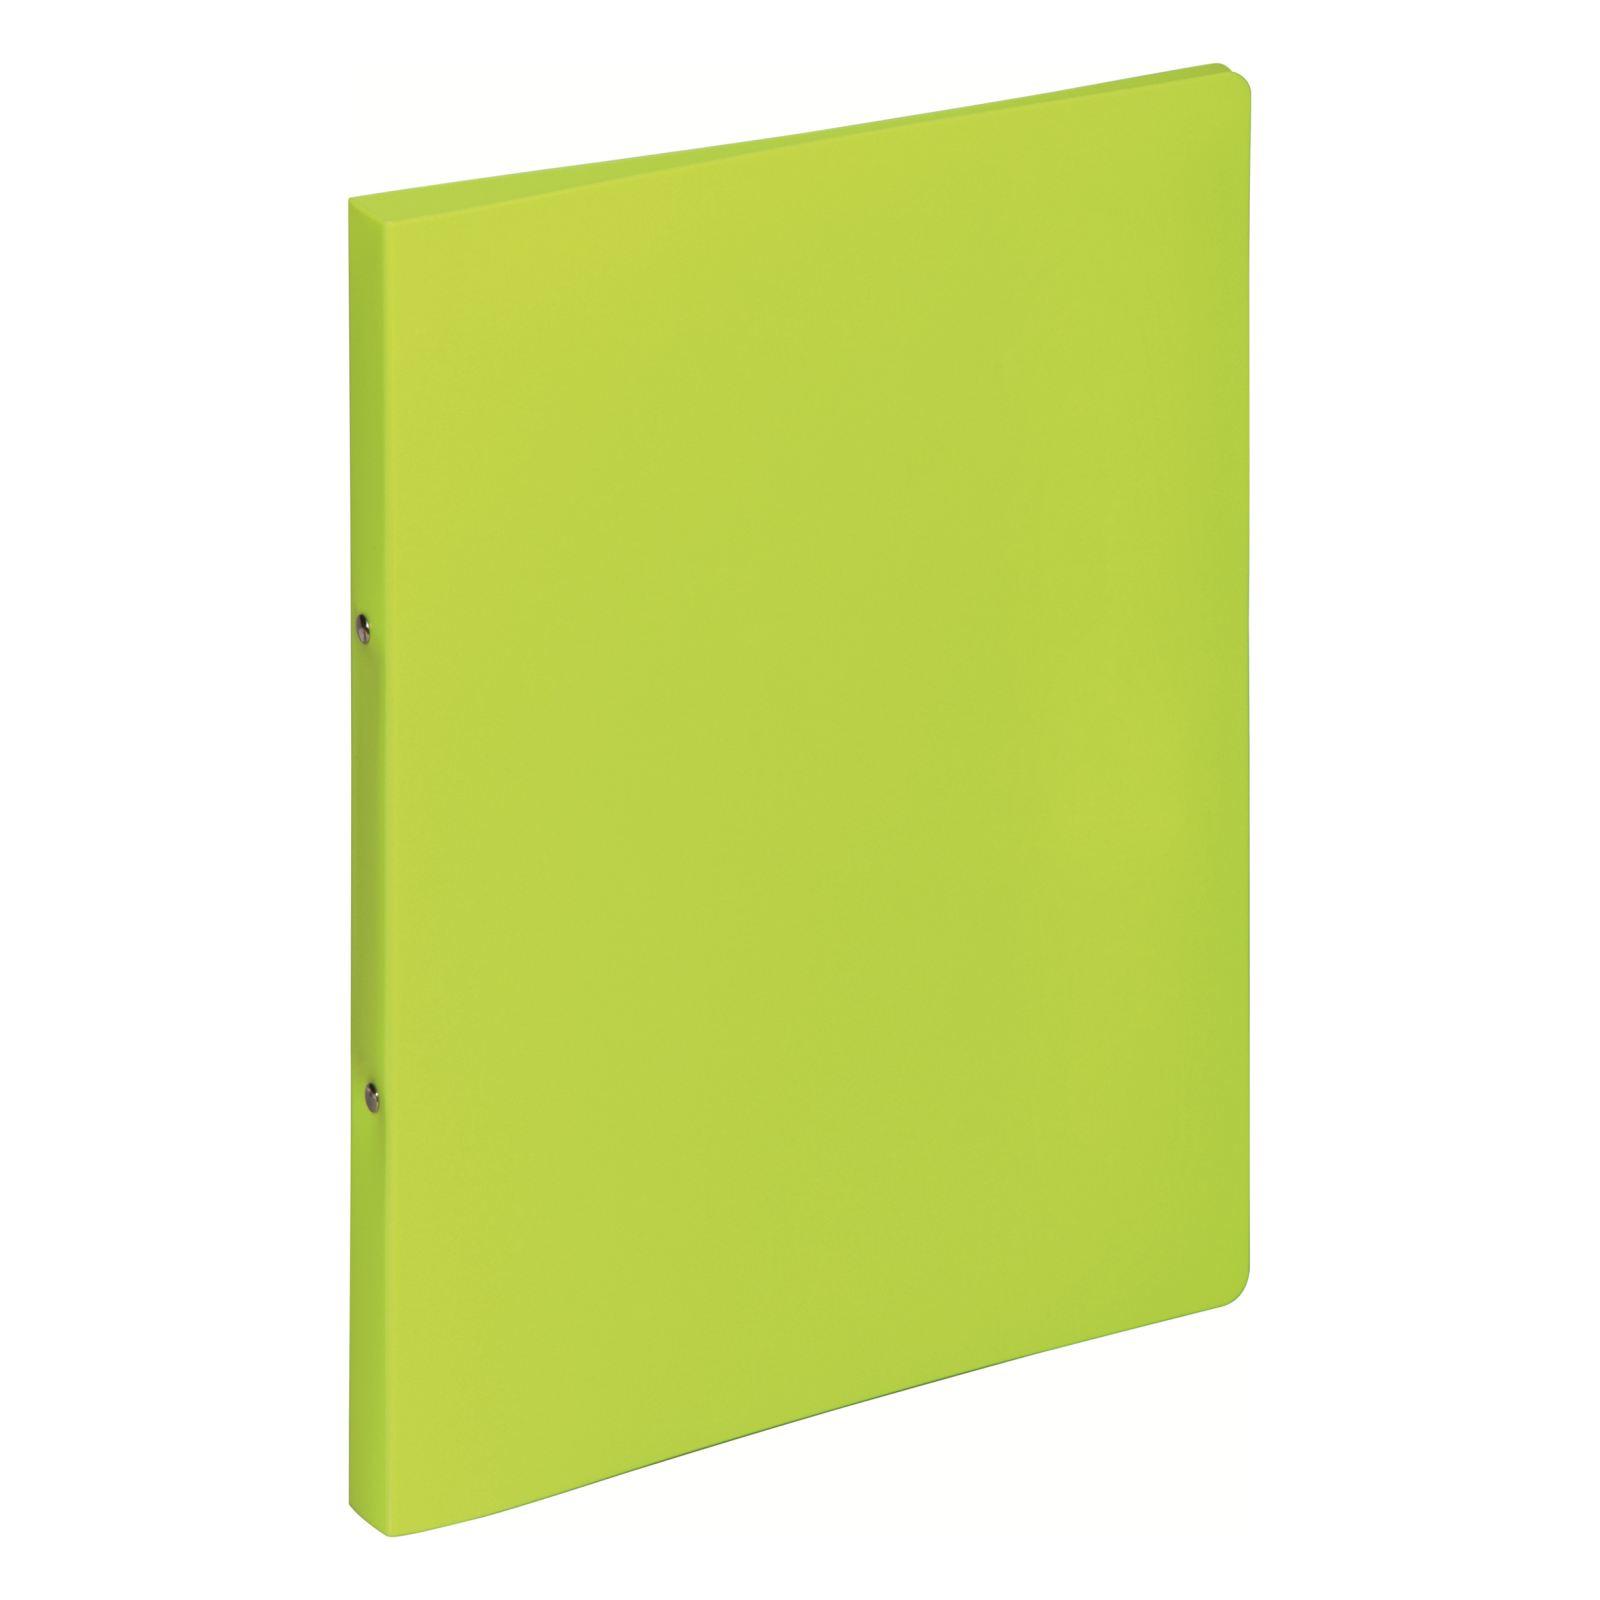 Pagna 20901-17 - Ringbuch - Ordner - Polypropylen (PP) - DIN A4 - Limette